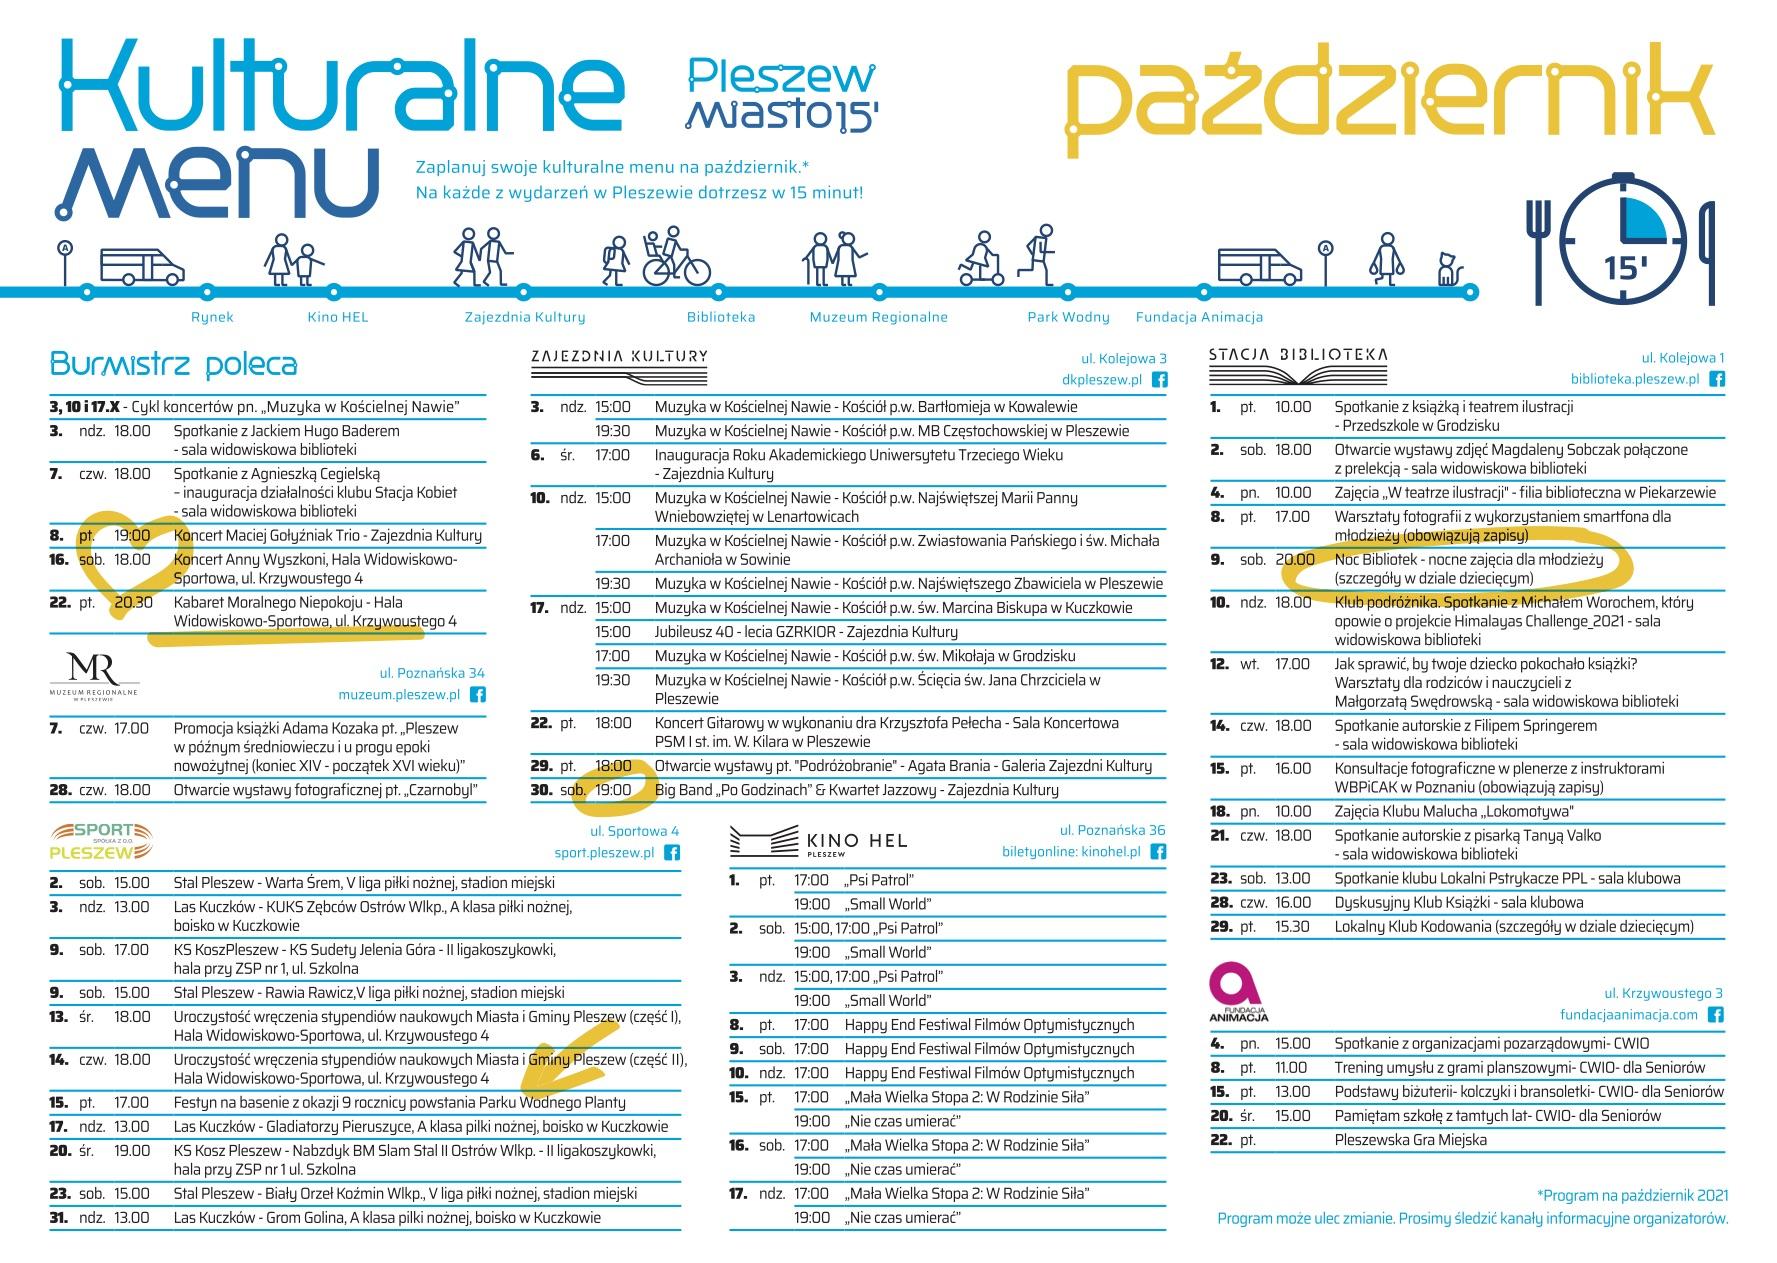 Harmonogram wydarzeń kulturalnych i sportowych na październik 2021 r.